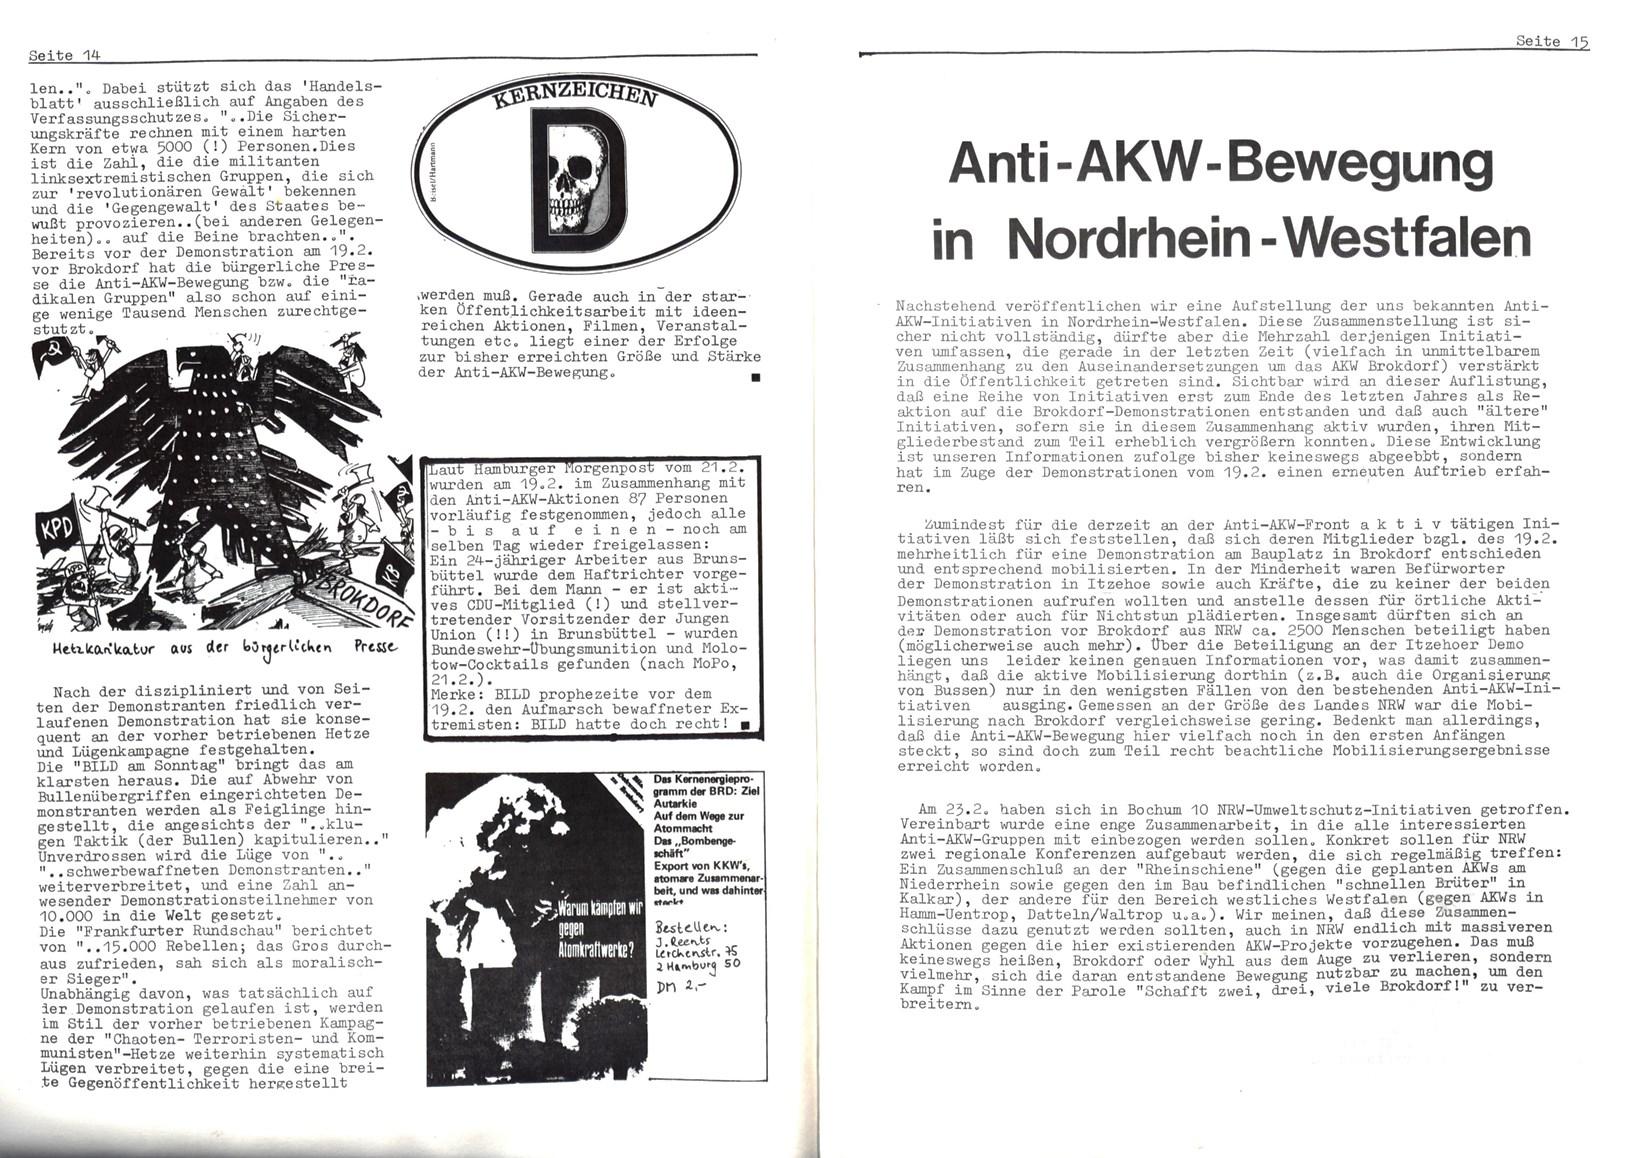 Bochum_KB_1977_Kein_AKW_in_NRW_09